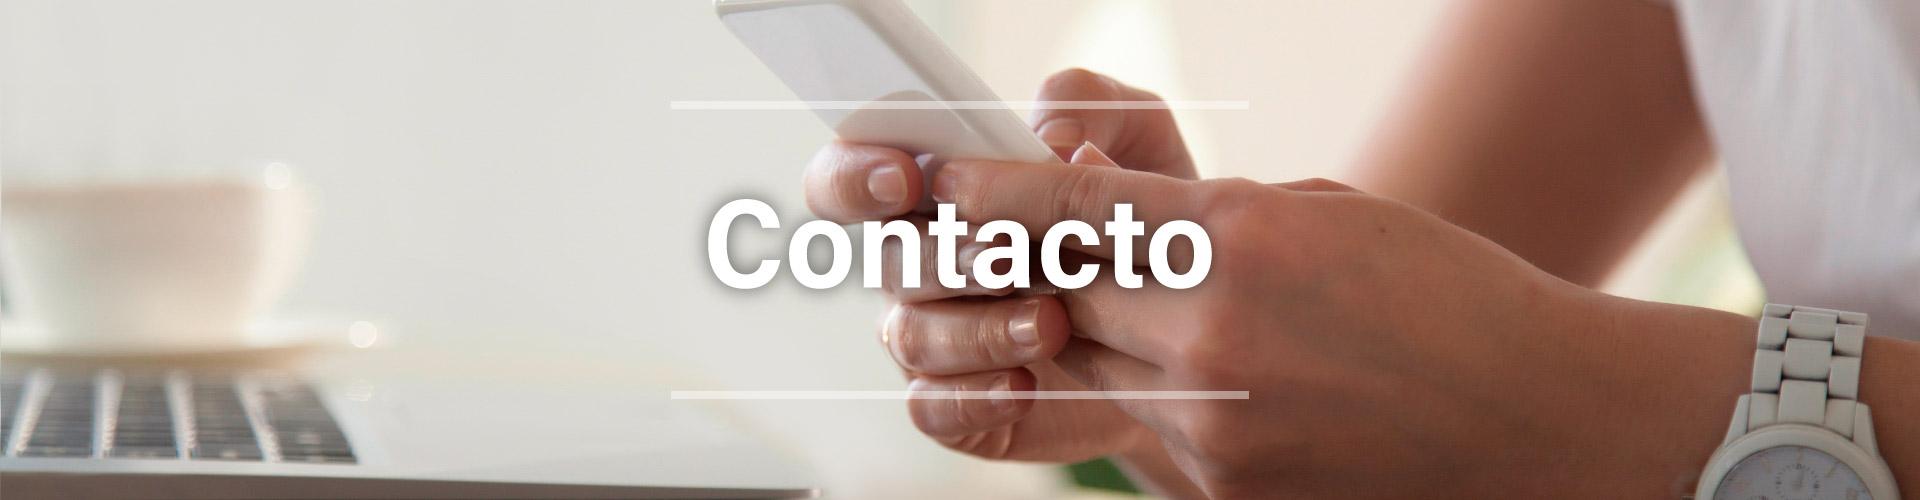 subheader-contacto